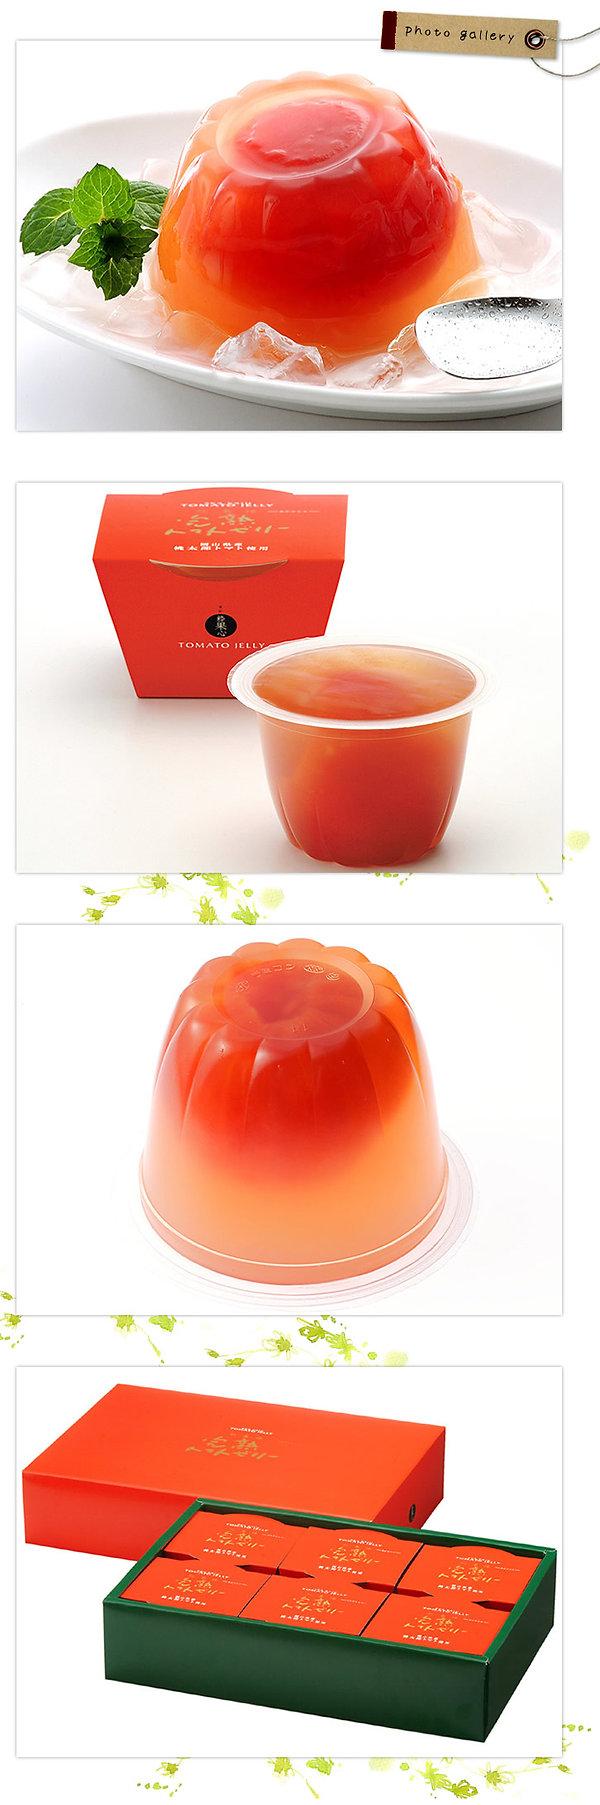 元祖まるごとトマト03.jpg